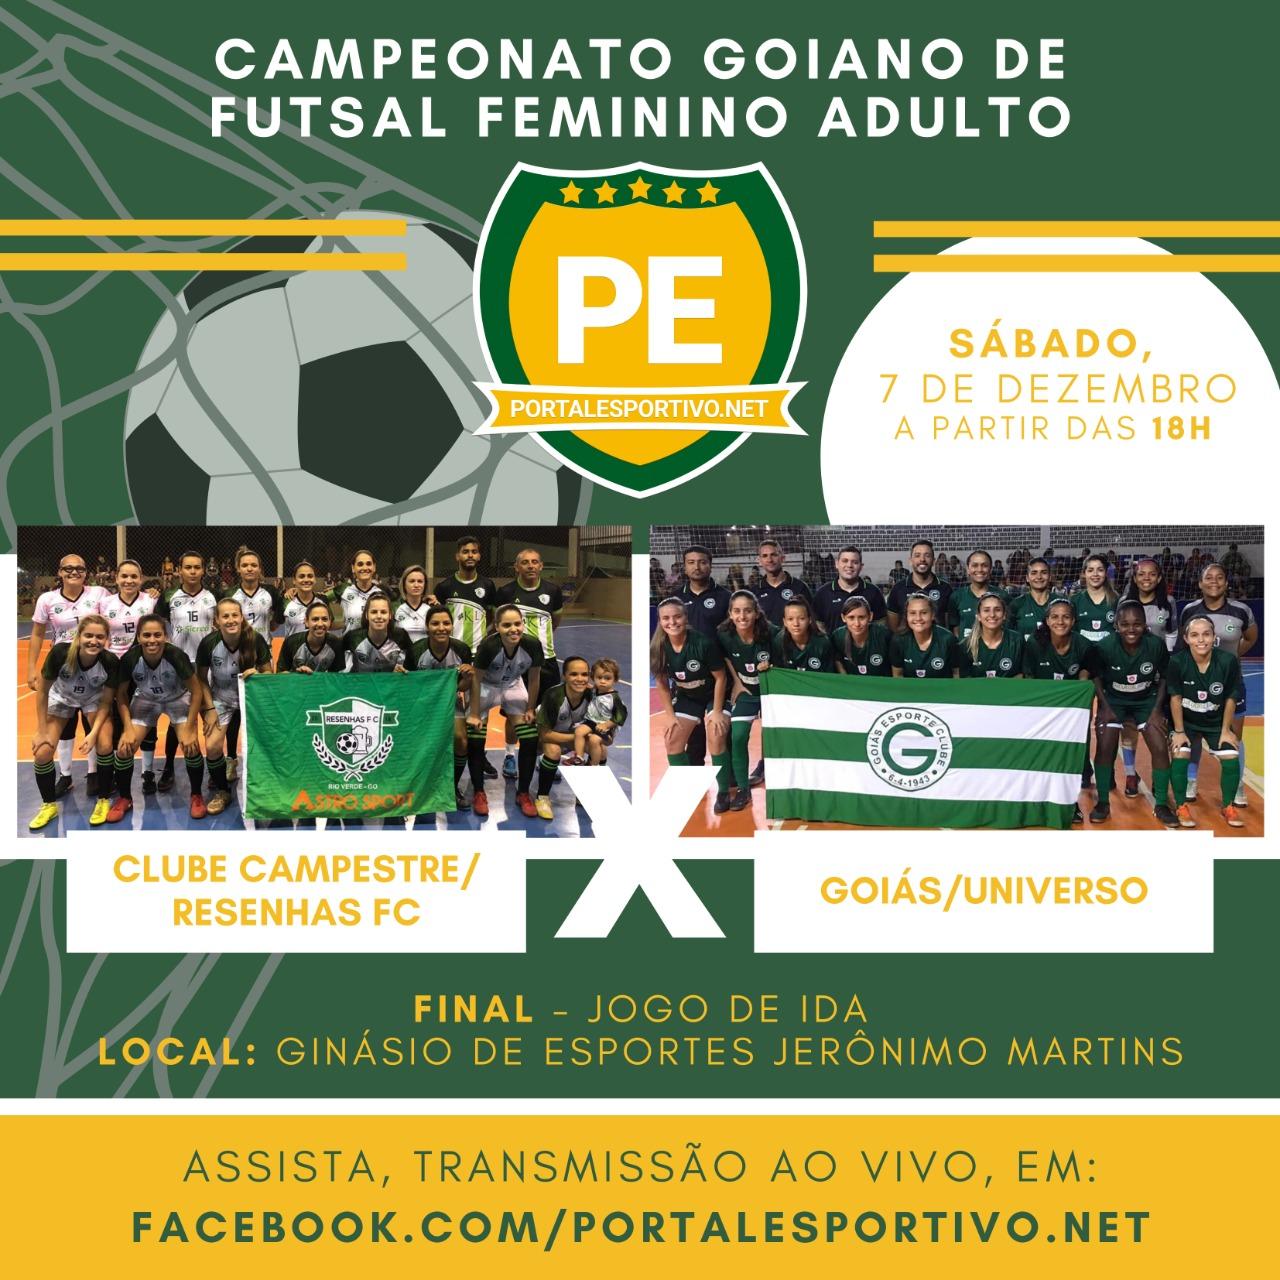 Clube Campestre/Resenhas FC e Goiás/Universo jogarão  sábado na final do Goiano de Futsal Feminino